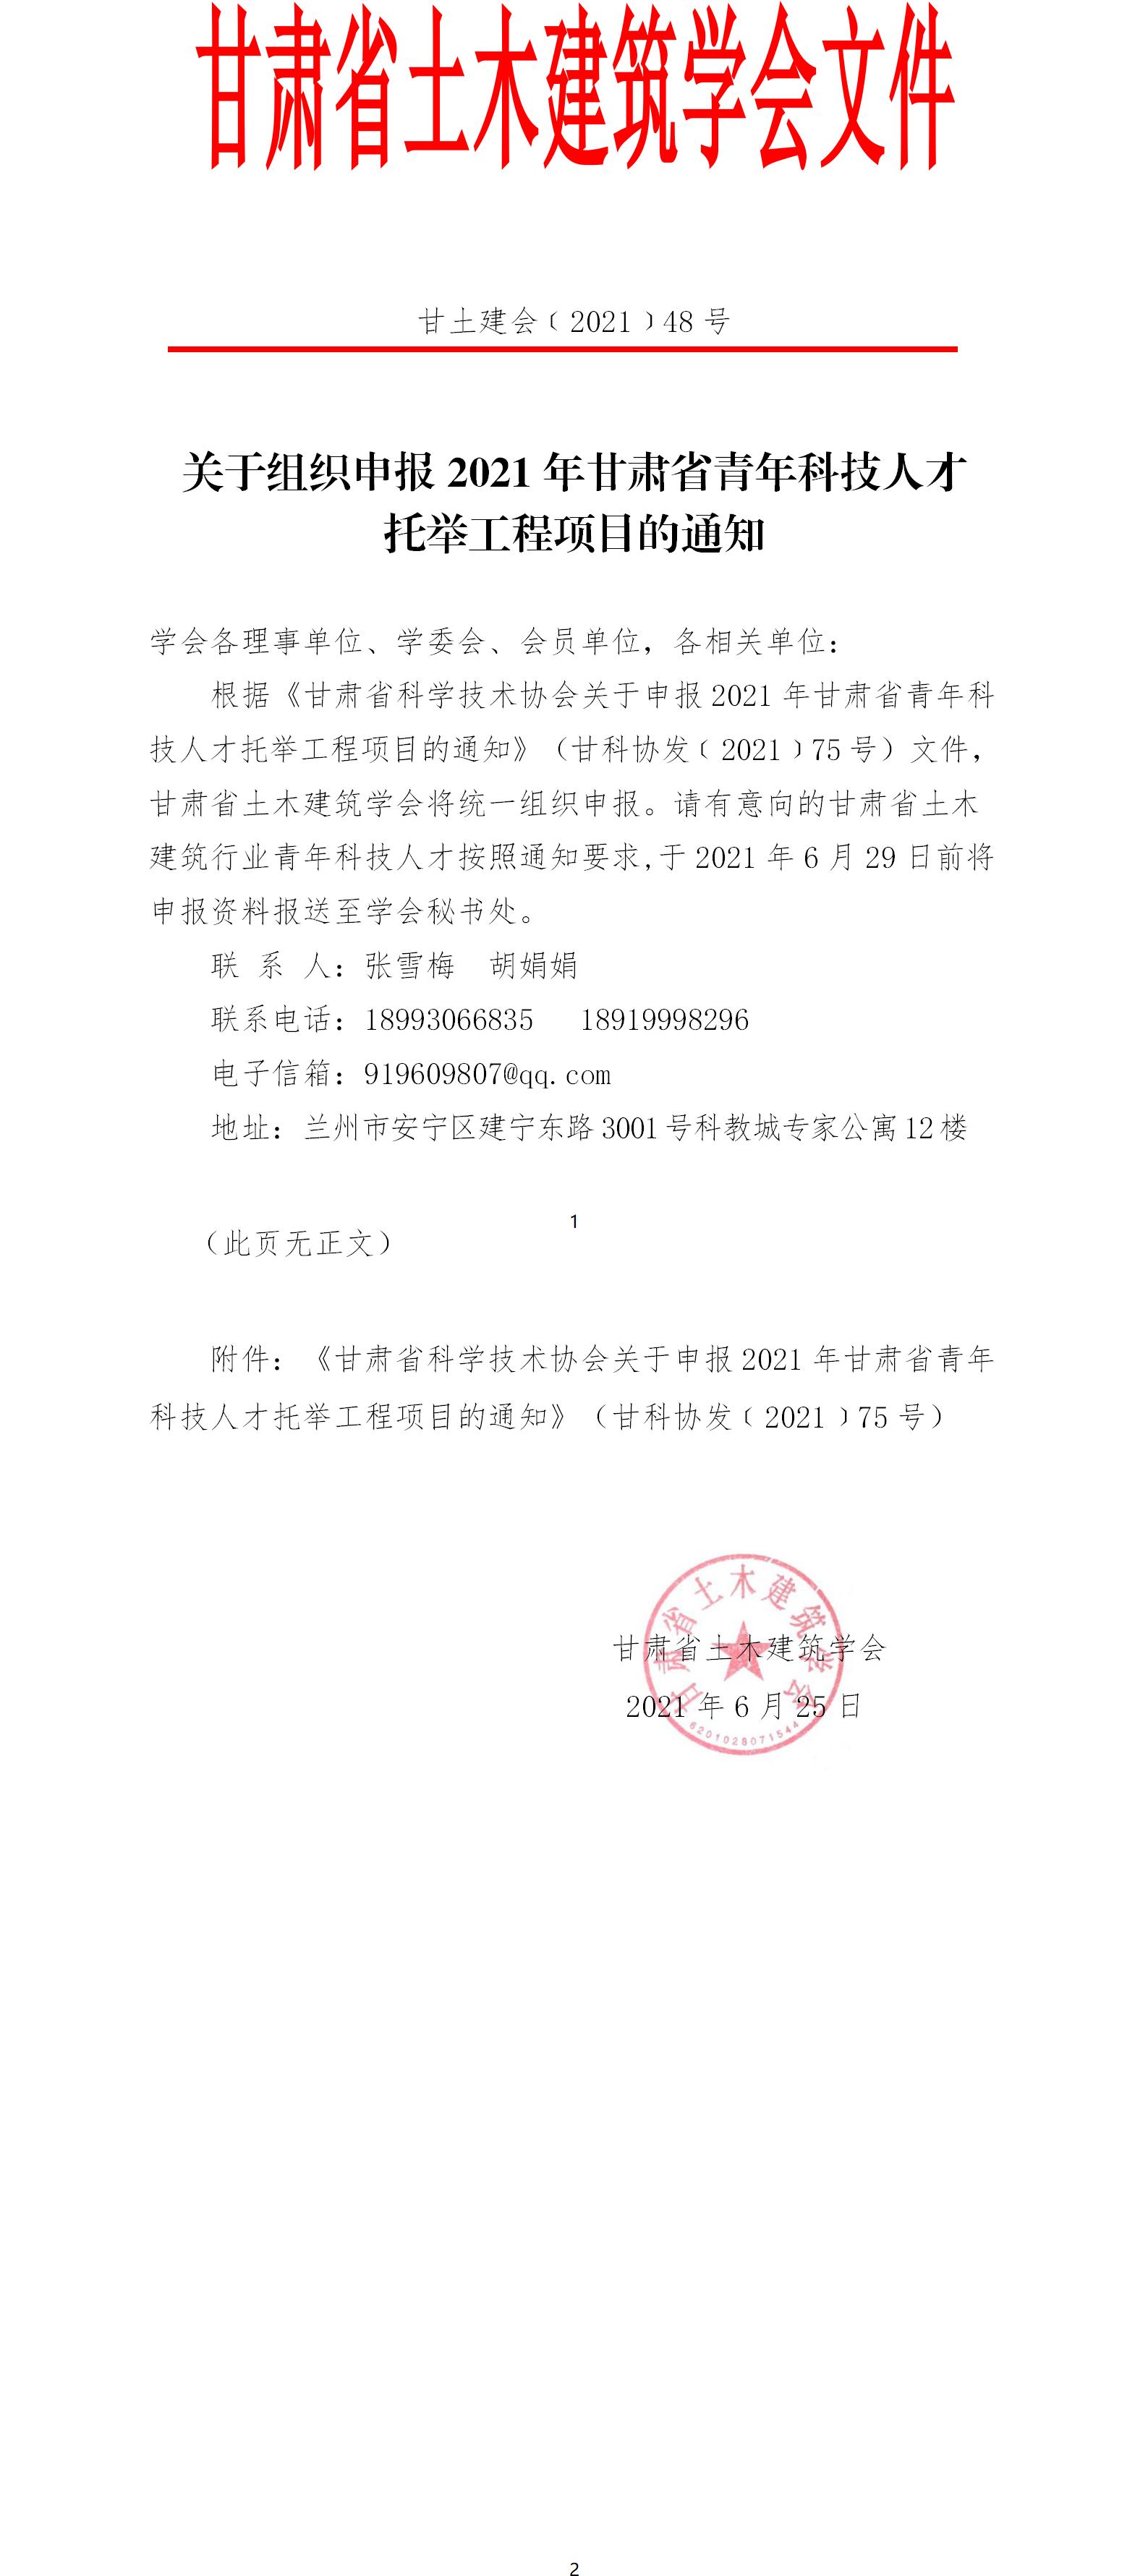 甘土建会【2021】48号 关于组织申报2021年甘肃省青年科技人才托举工程项目的通知(20210625).png